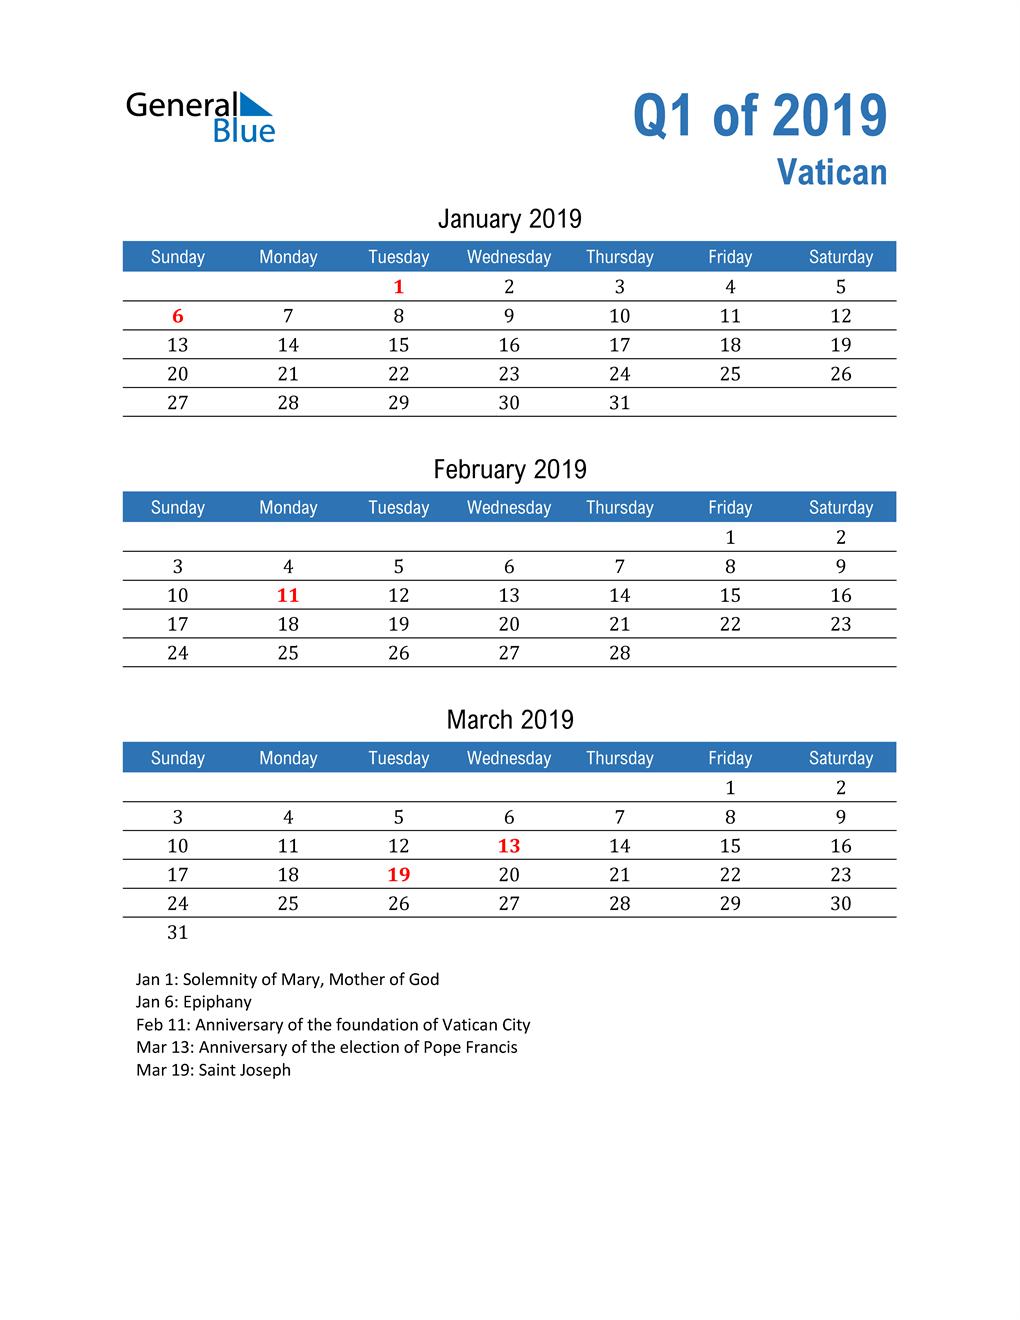 Vatican 2019 Quarterly Calendar